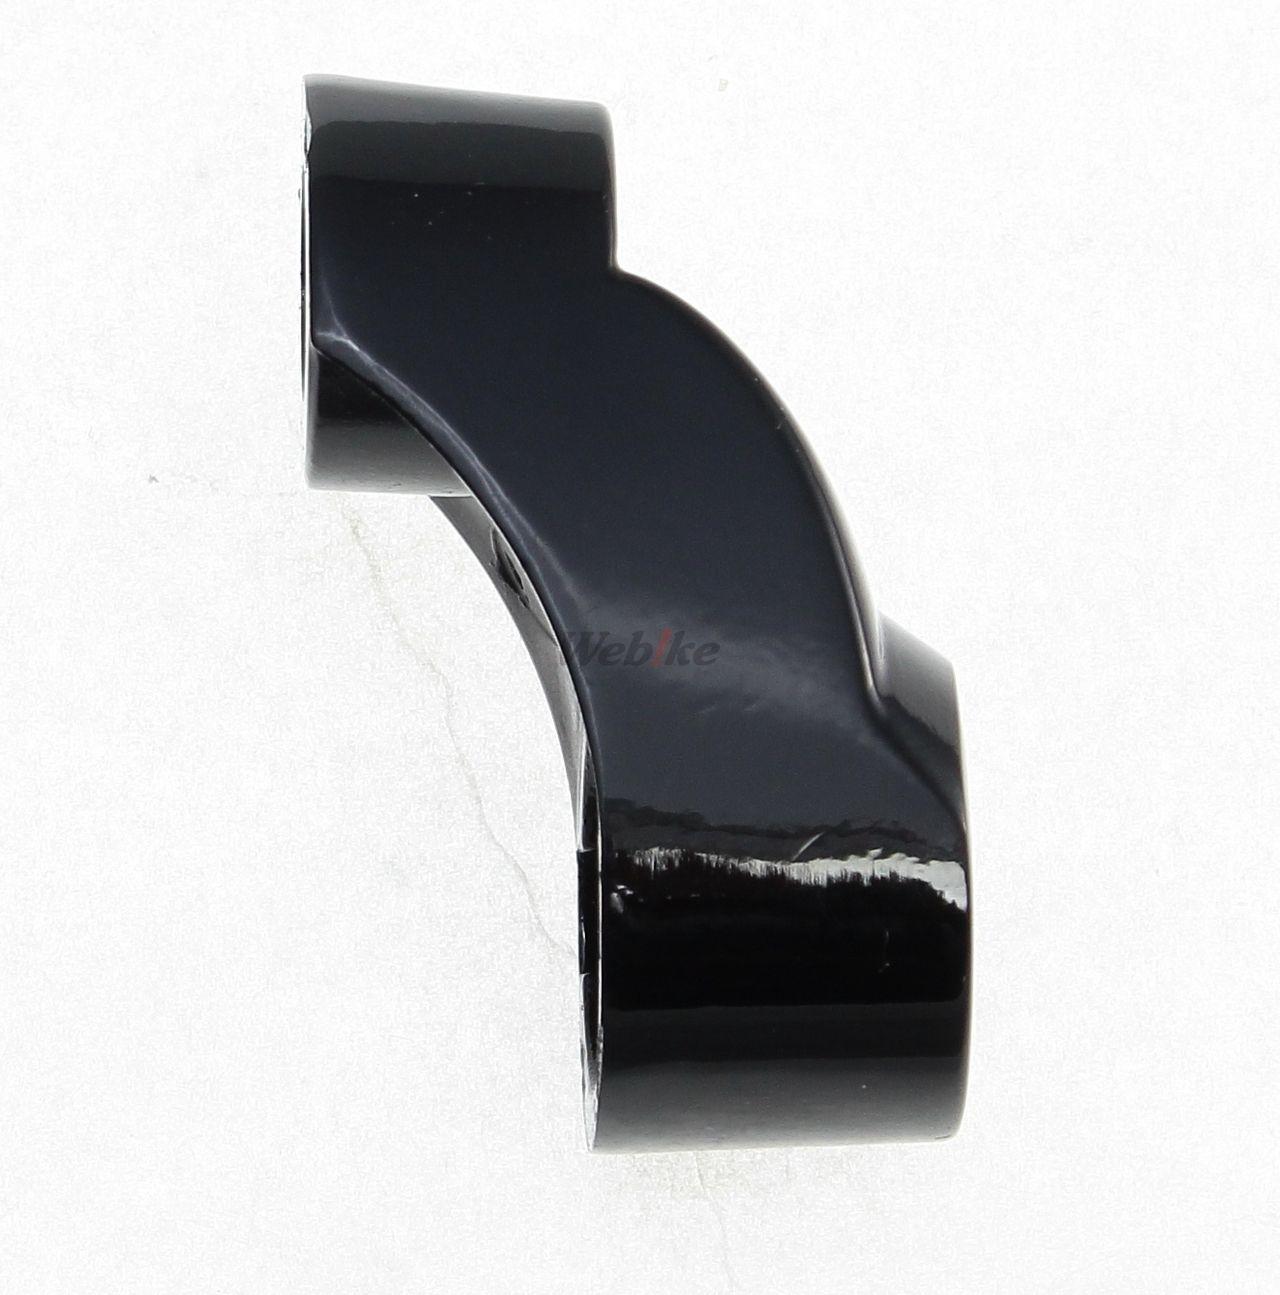 【KIJIMA】方向燈支架 - 「Webike-摩托百貨」